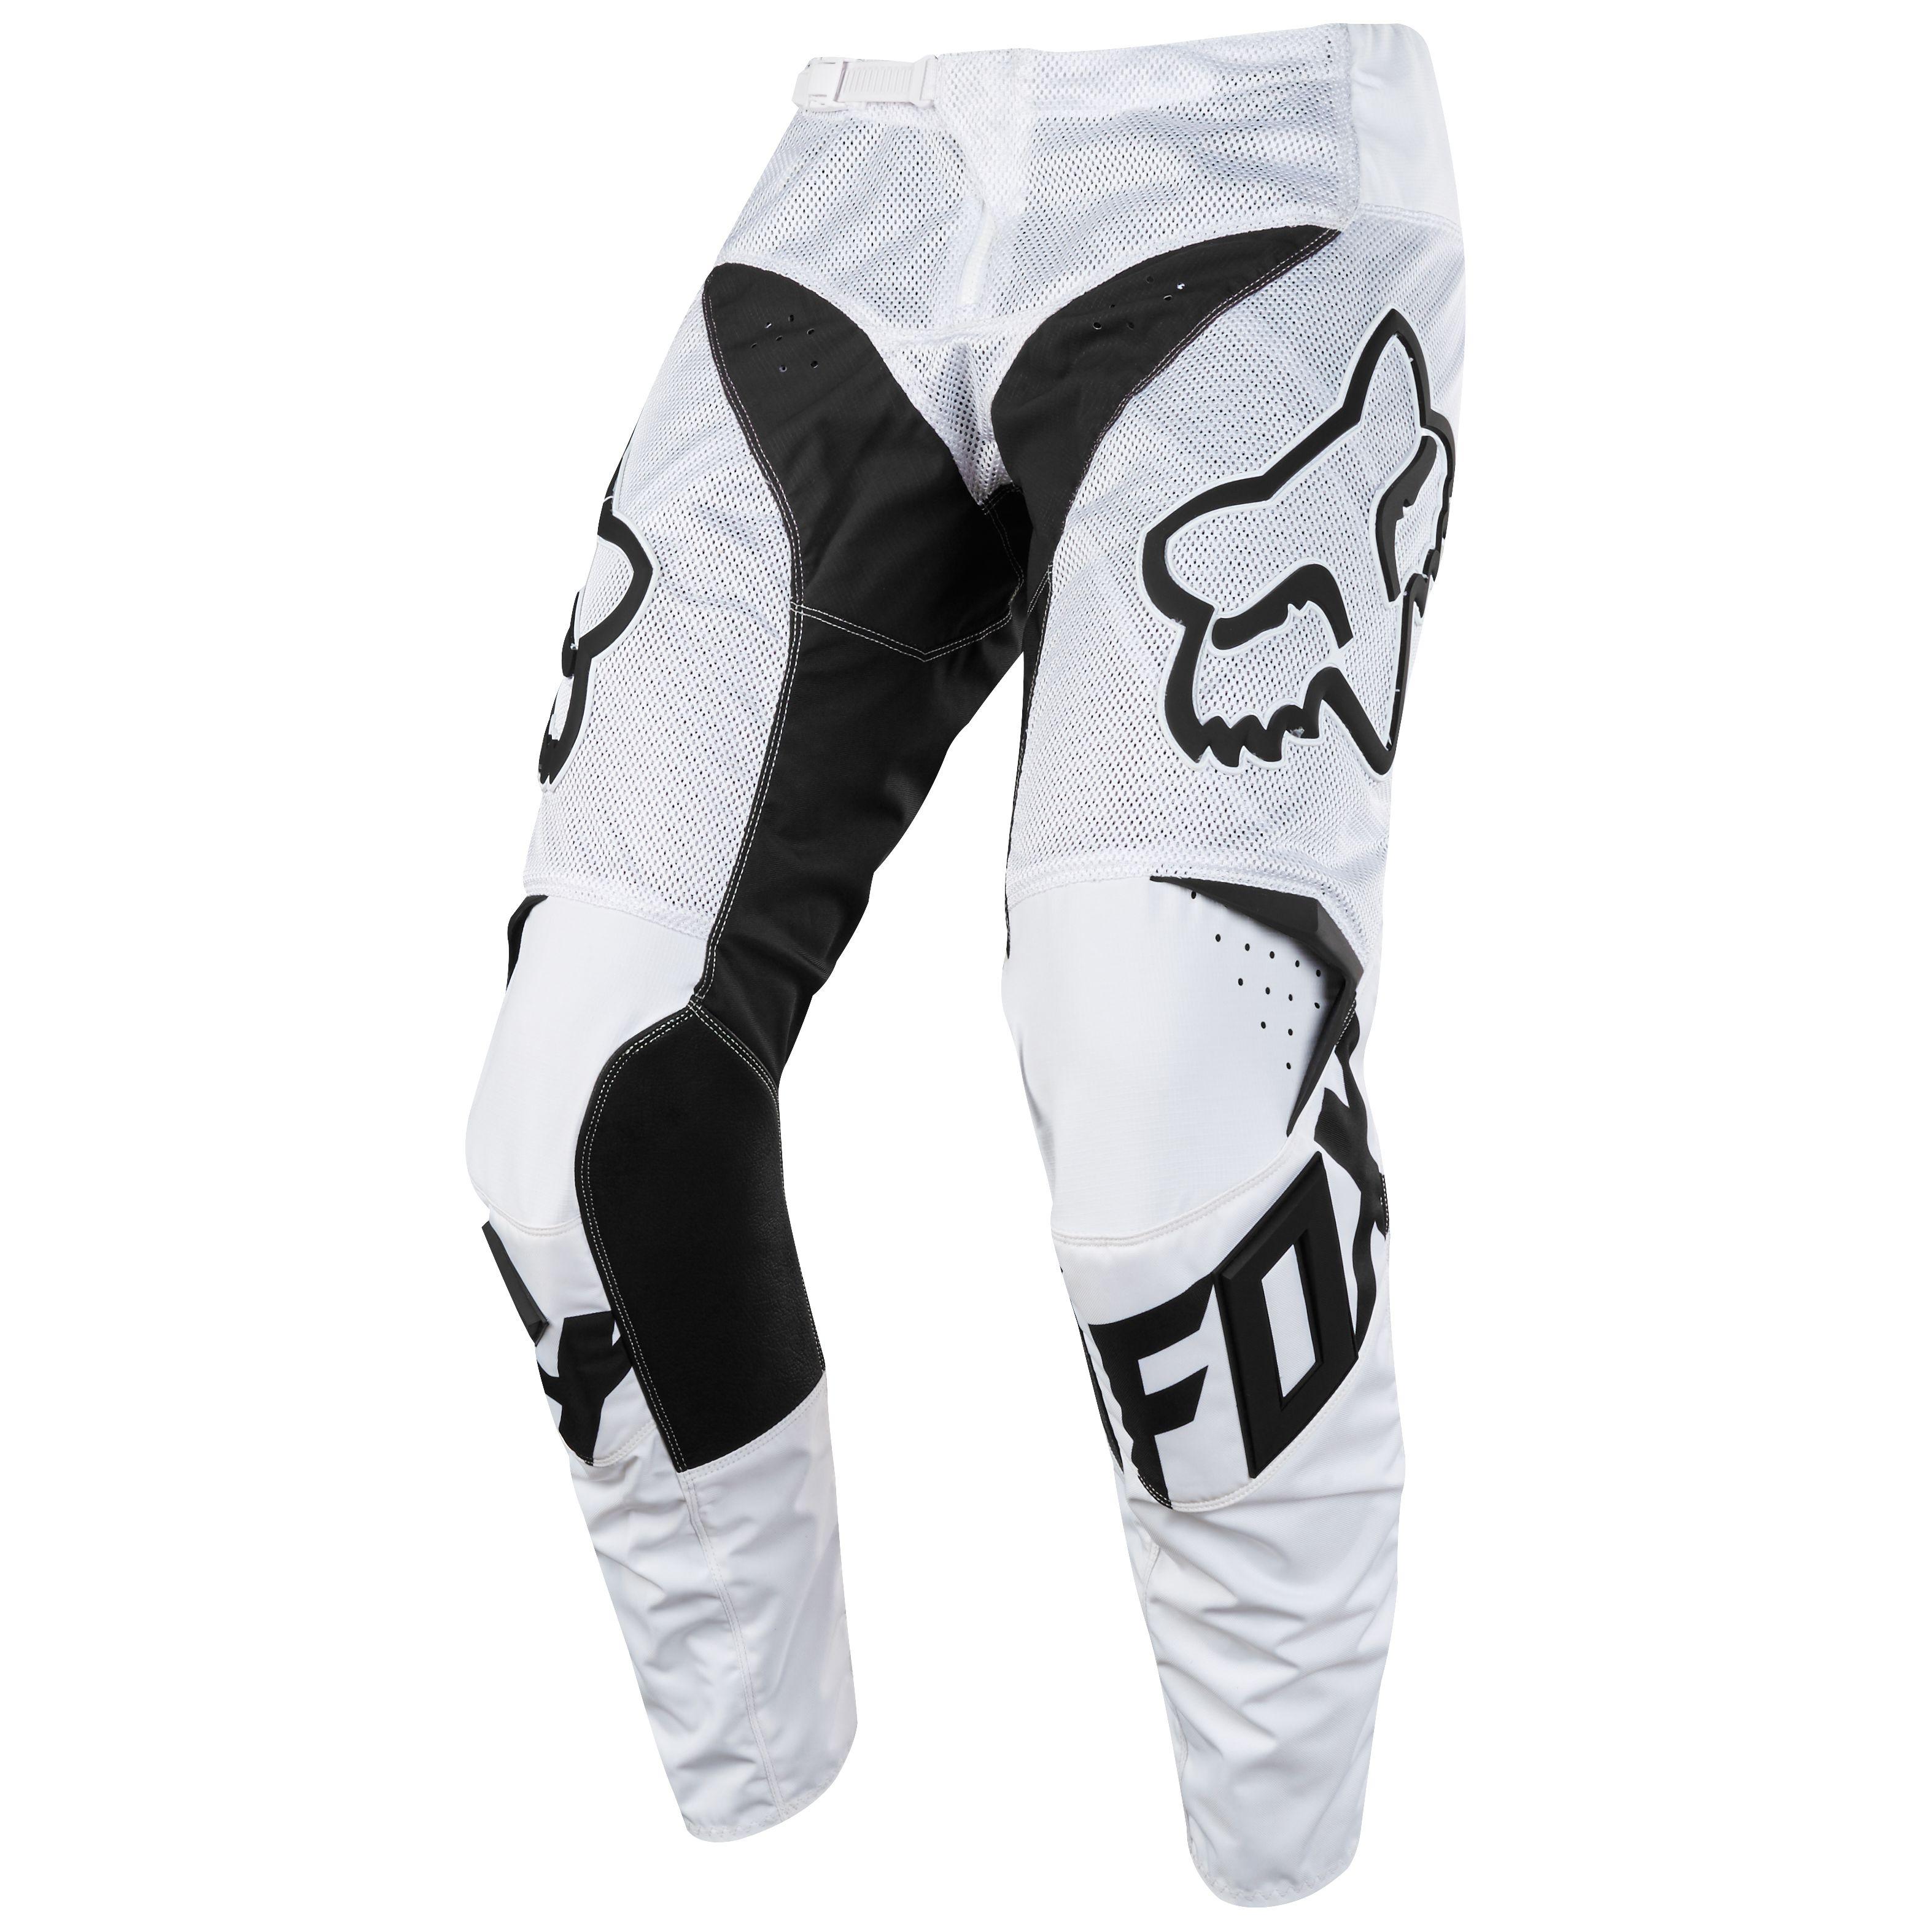 Pantalon De Motocross Fox Destockage 180 Mastar Airline Blanco 2018 Blanco Motoblouz Es